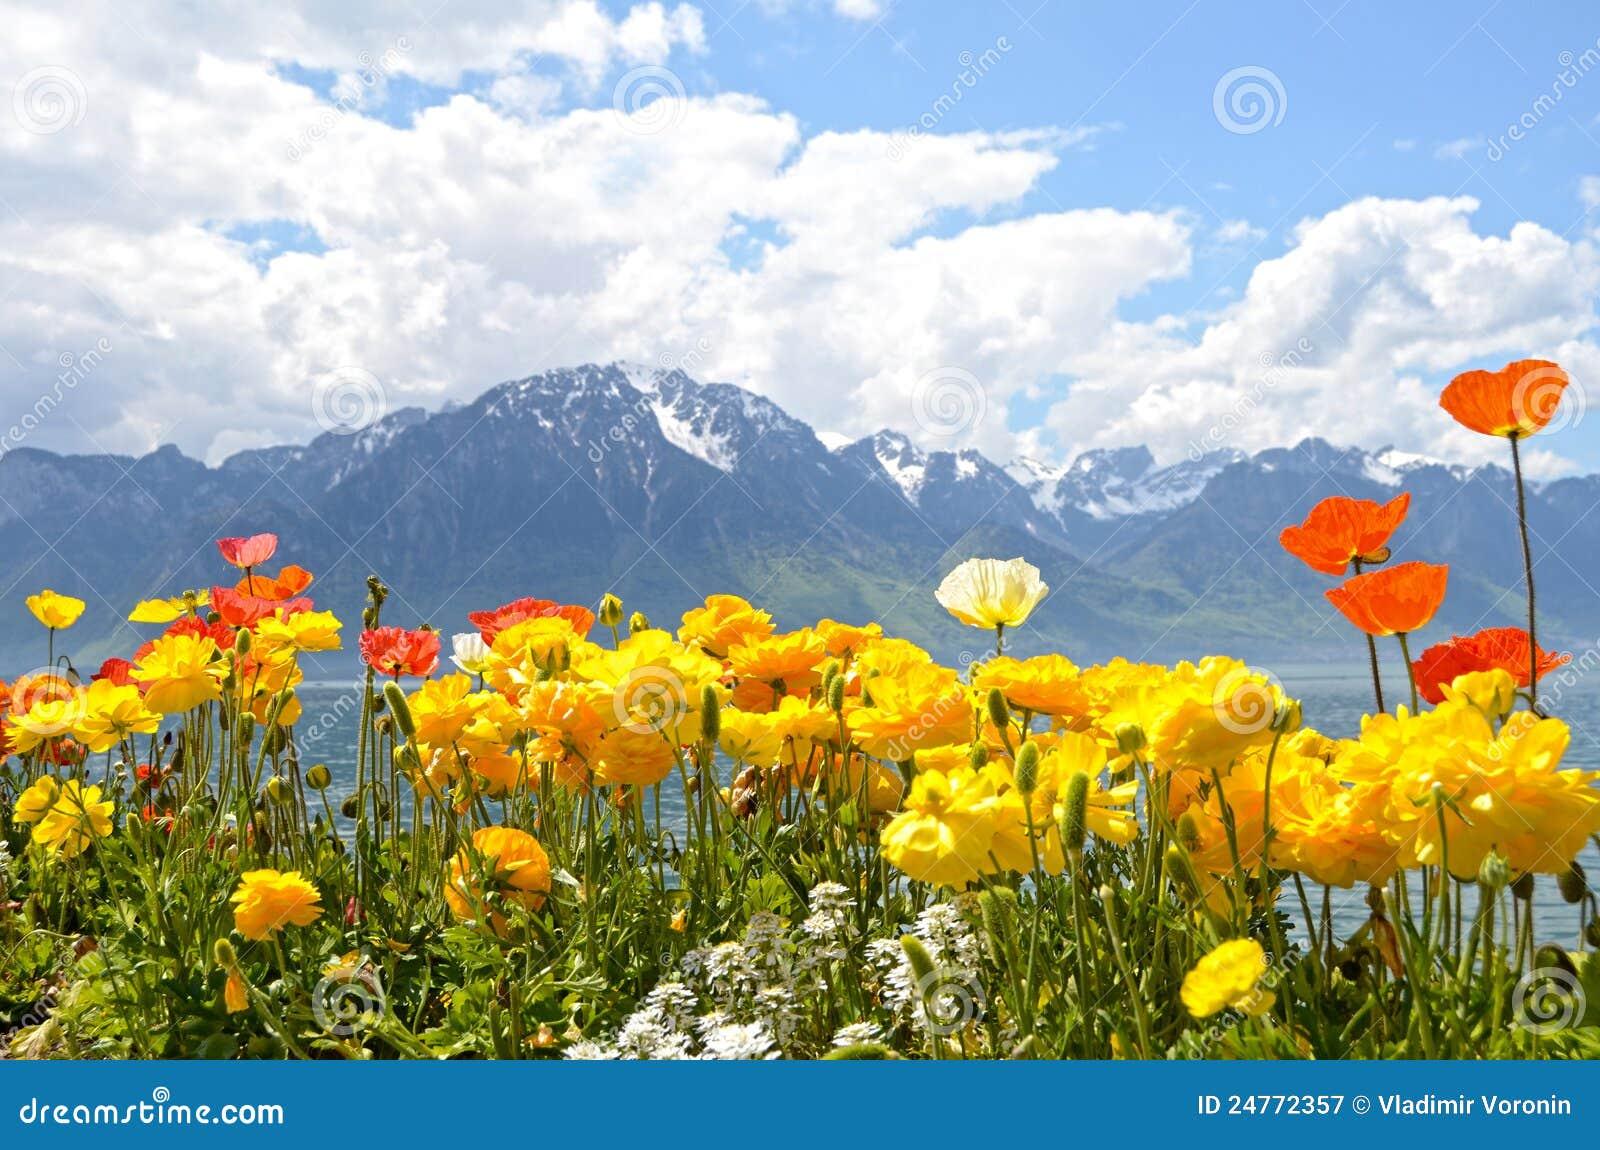 blumen gegen berge und see genf stockbild bild von alpin landschaft 24772357. Black Bedroom Furniture Sets. Home Design Ideas